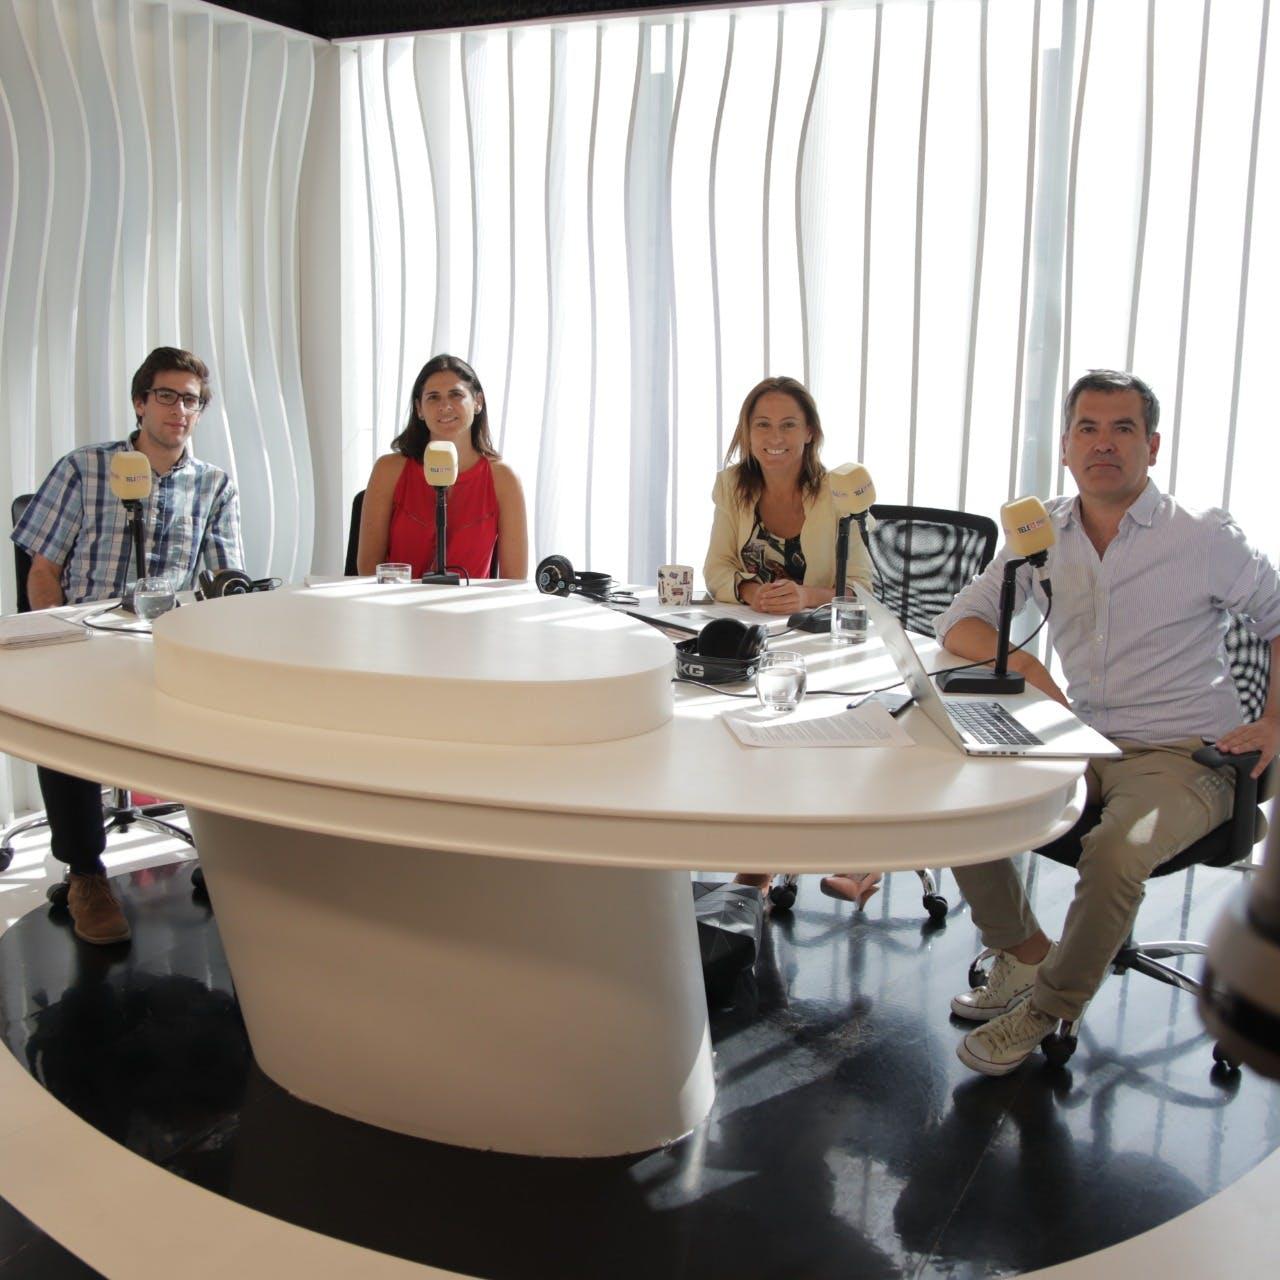 Sylvia Eyzaguirre y Manuel Villaseca por estudio del sistema de admisión escolar - Página 13 - Podcast - Emisor Podcasting